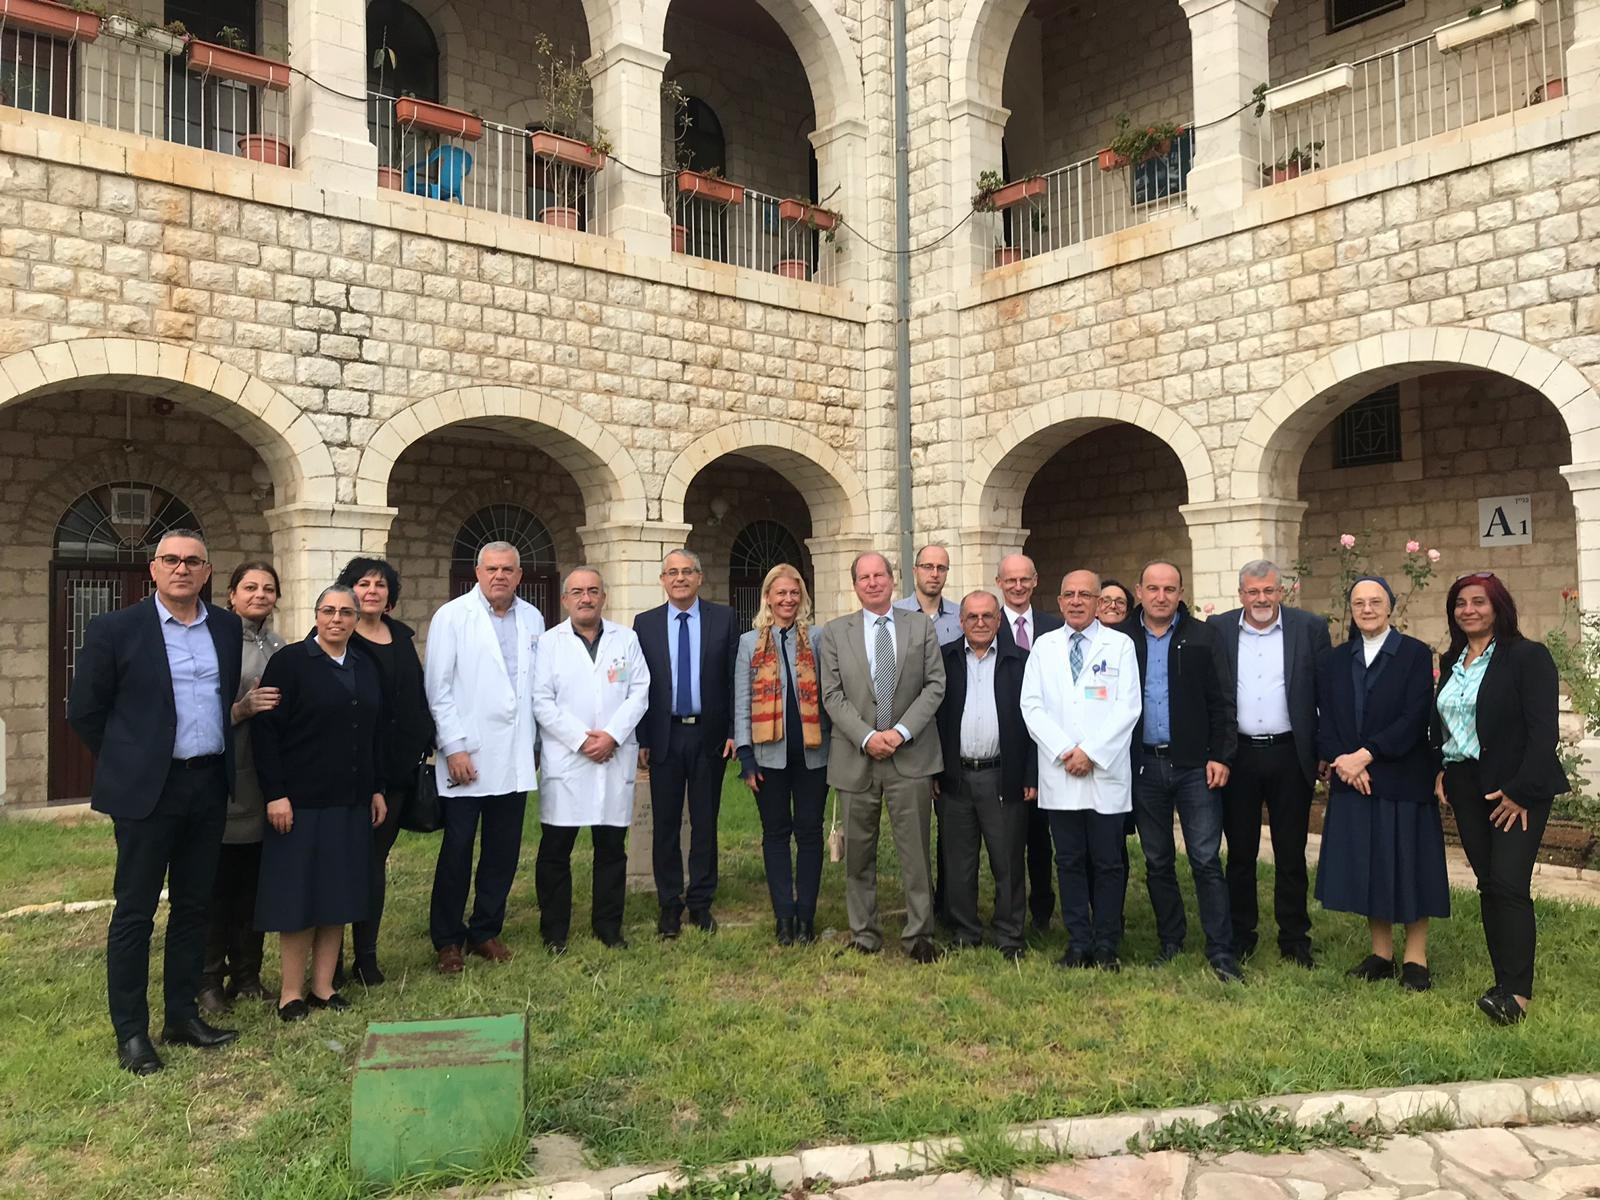 السفير الفرنسي الجديد يزور المستشفى الفرنسي بالناصرة-1